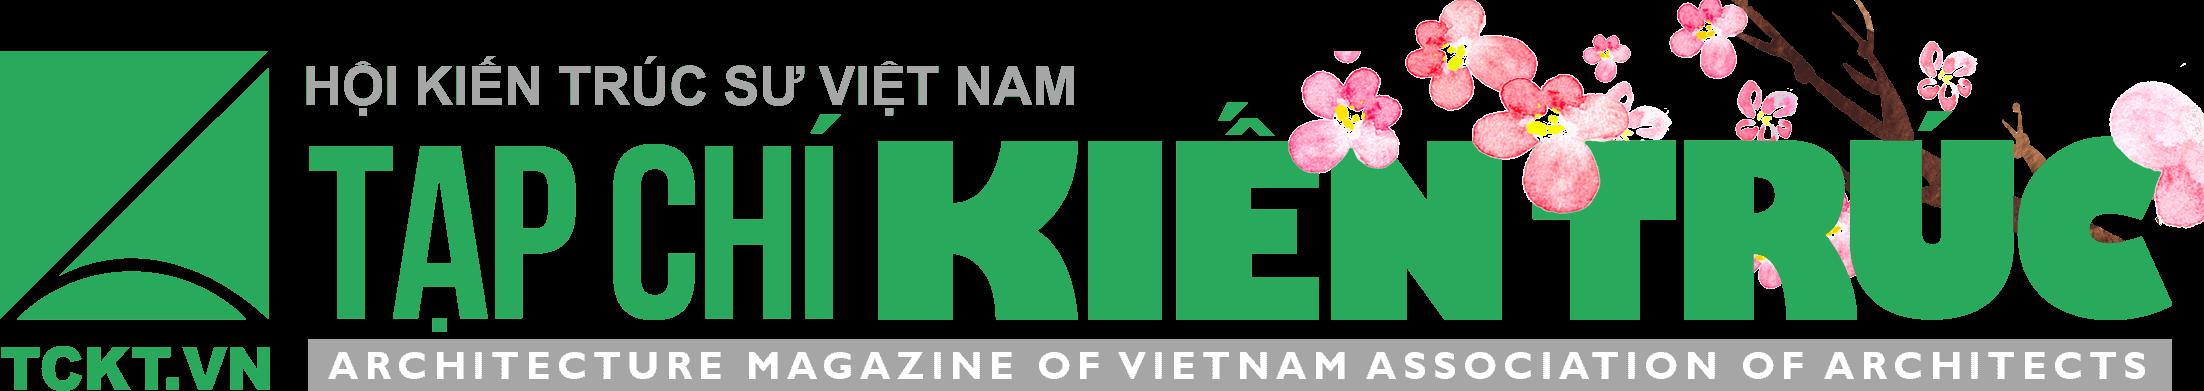 Tạp chí Kiến trúc – Hội Kiến trúc sư Việt Nam